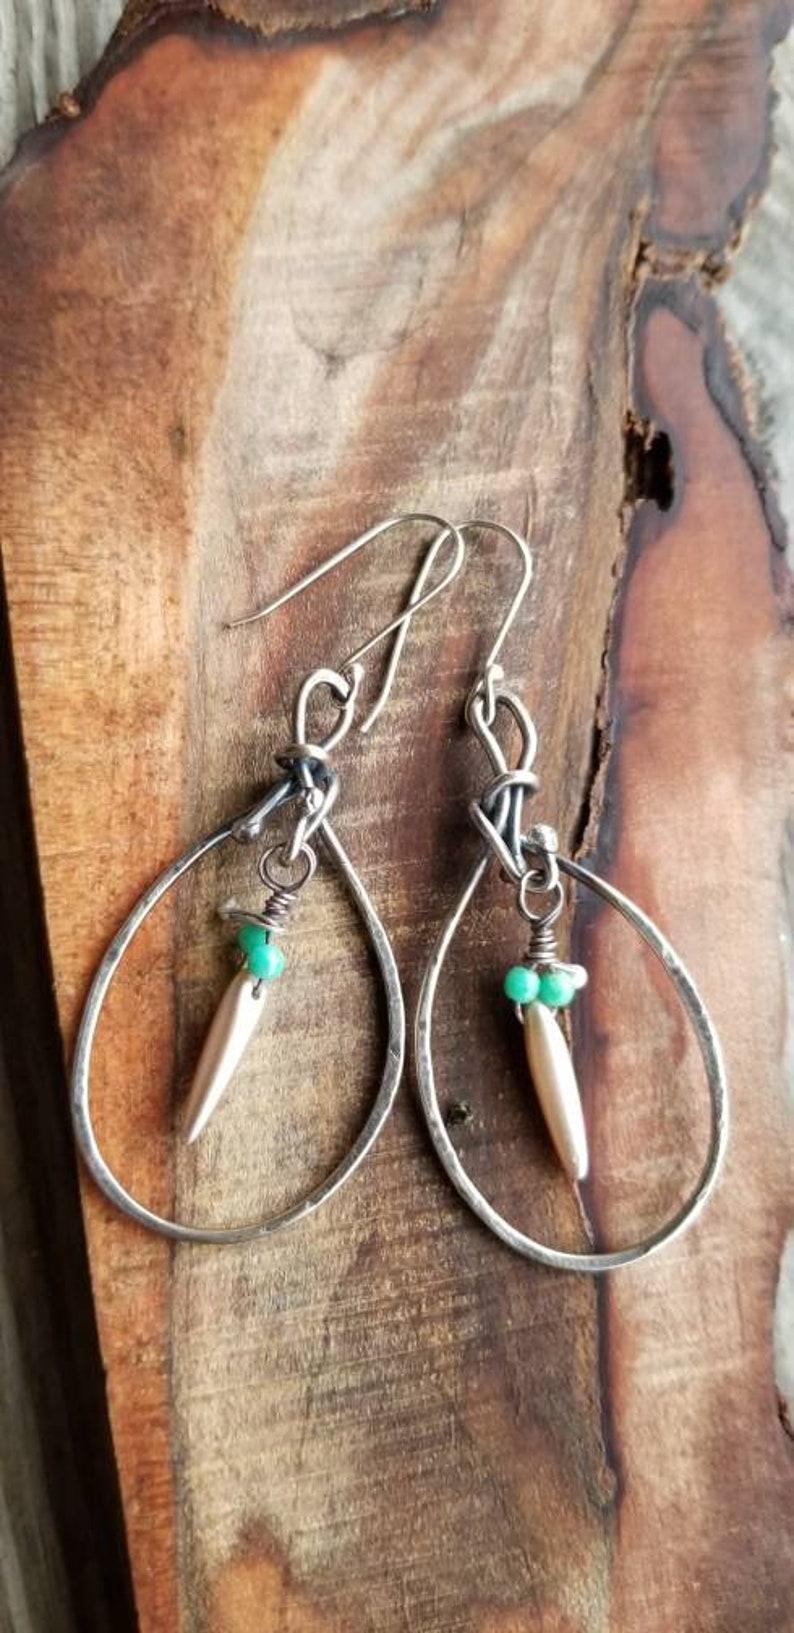 hoop earrings Argentium silver hoop earrings artisan silver earrings hammered earring interchangeable dangle charms,silver hoop earrings